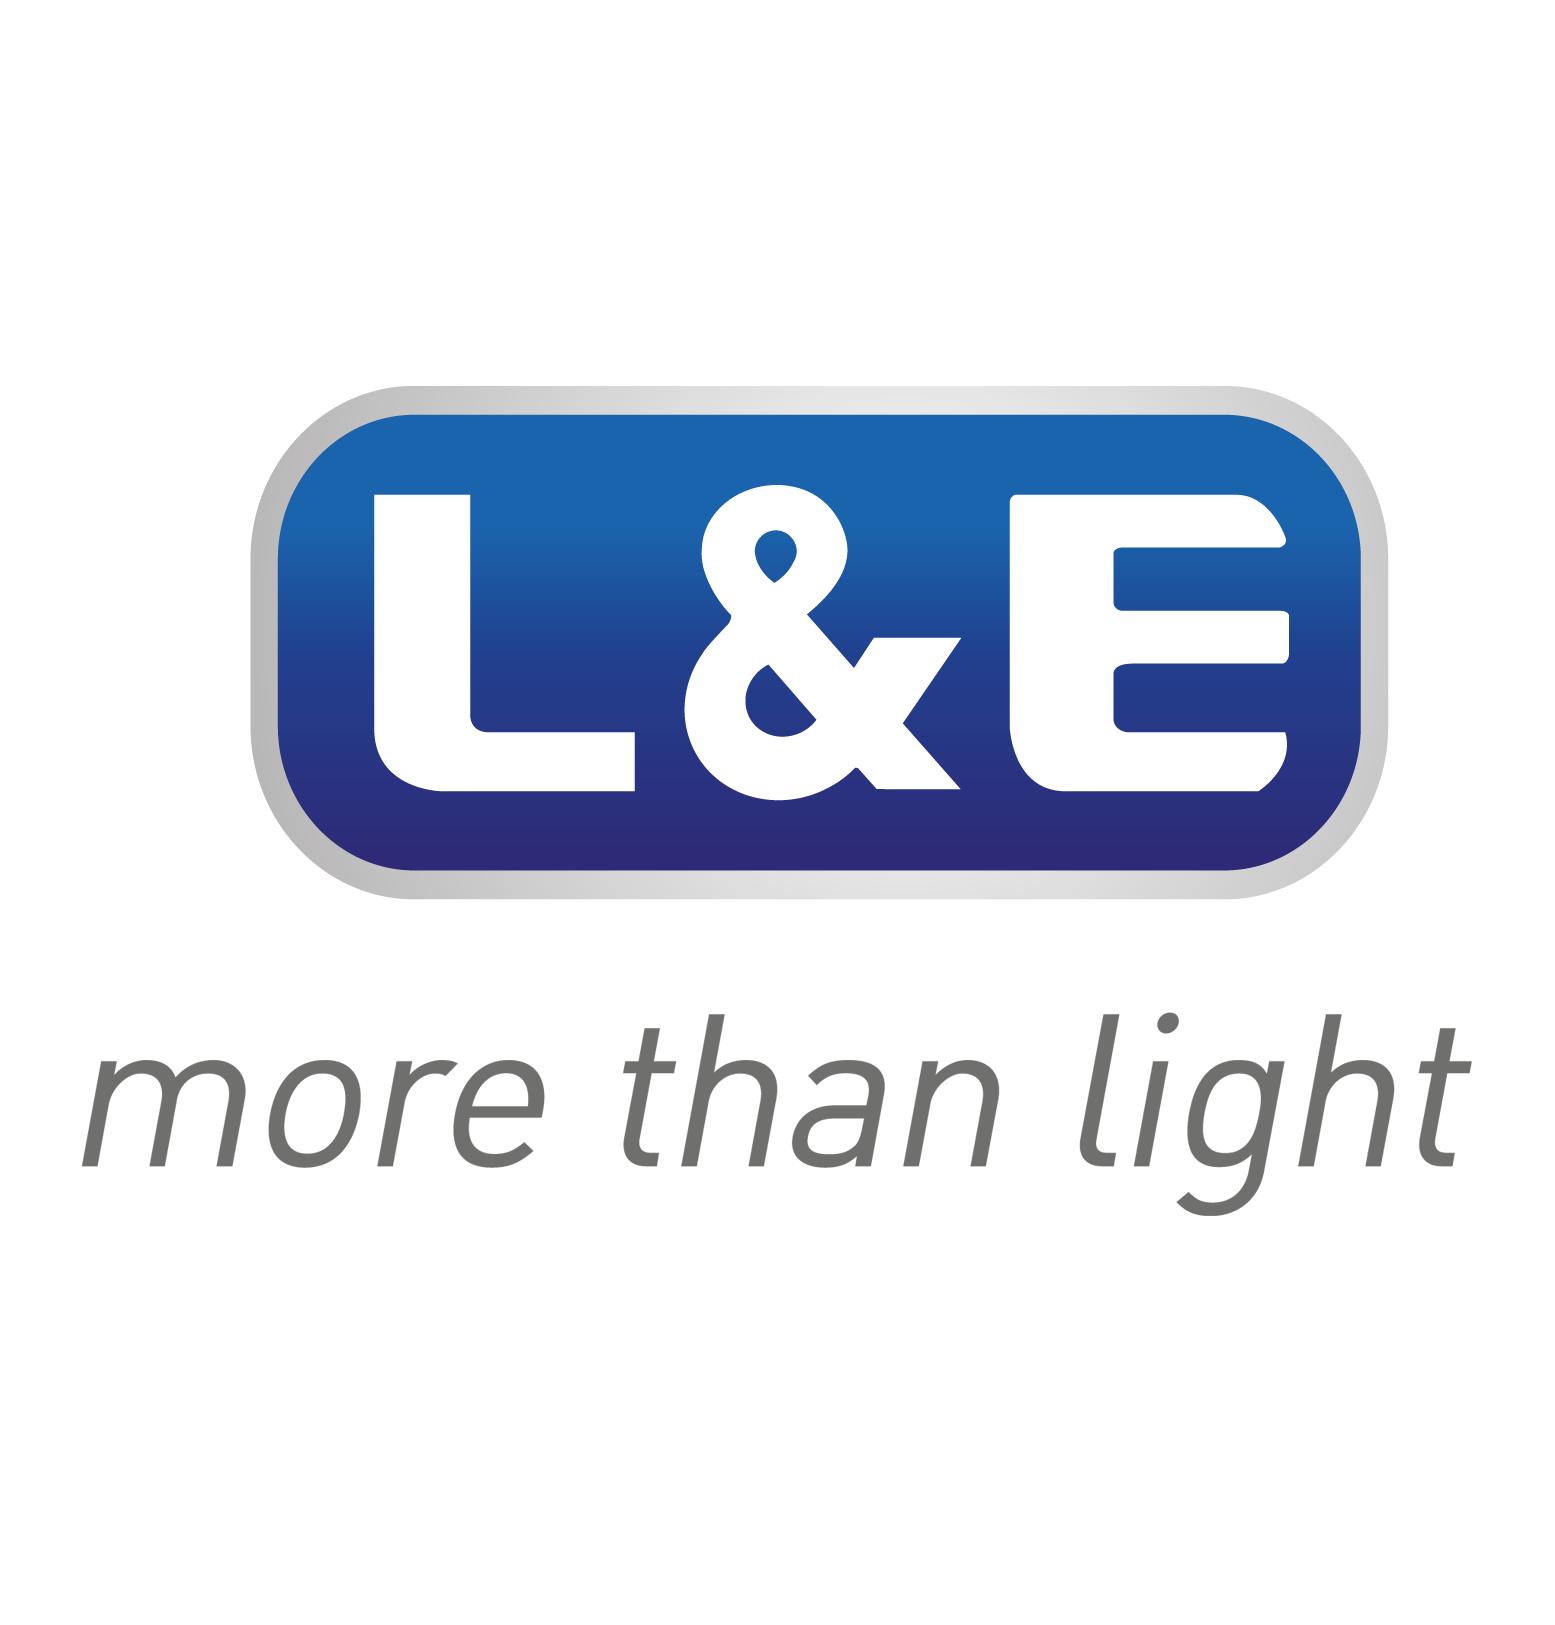 ลูกค้า: L&E